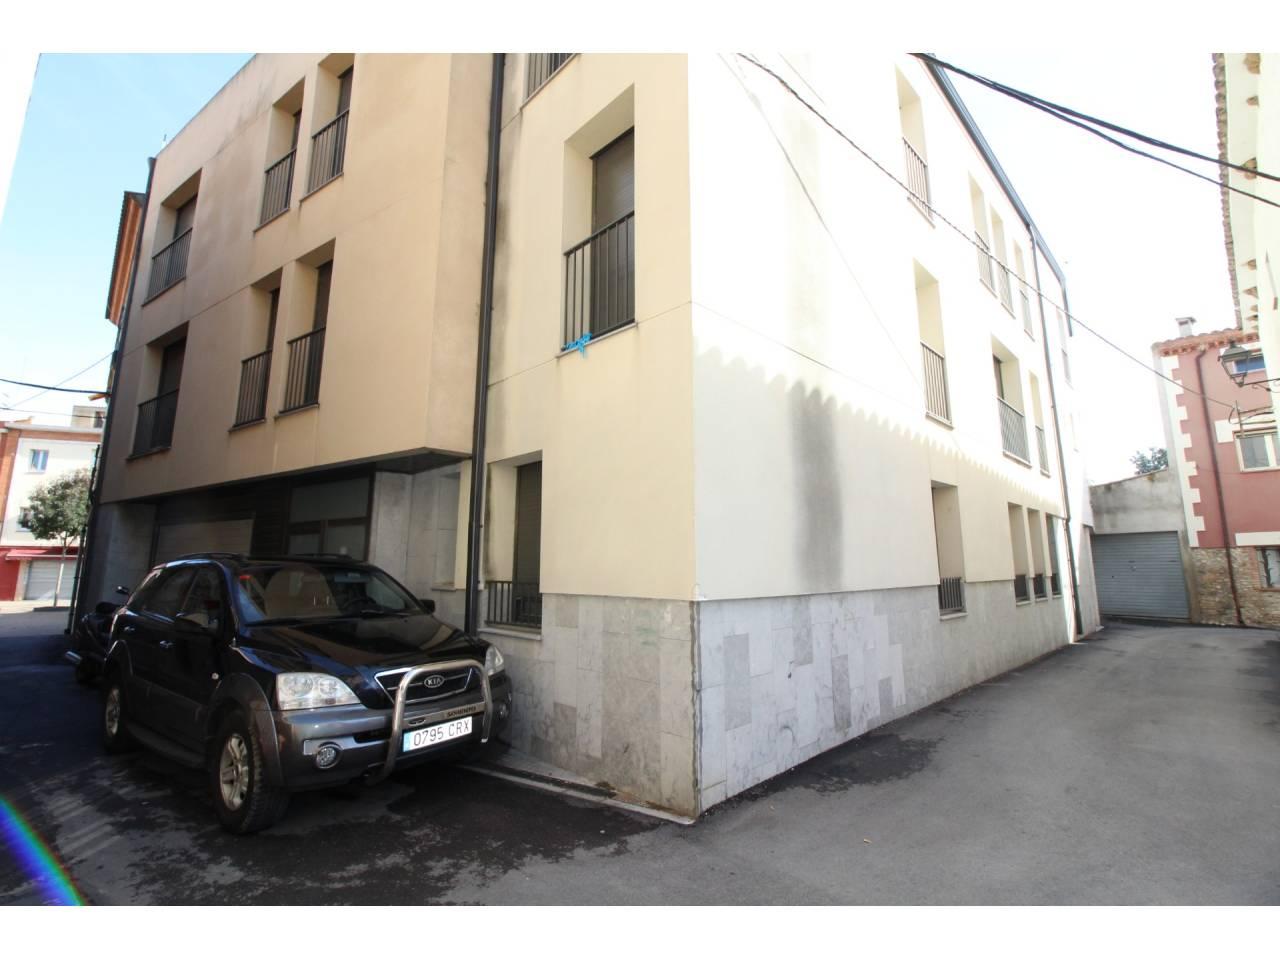 005061 - Edificio en venta en Sant Pere Pescador